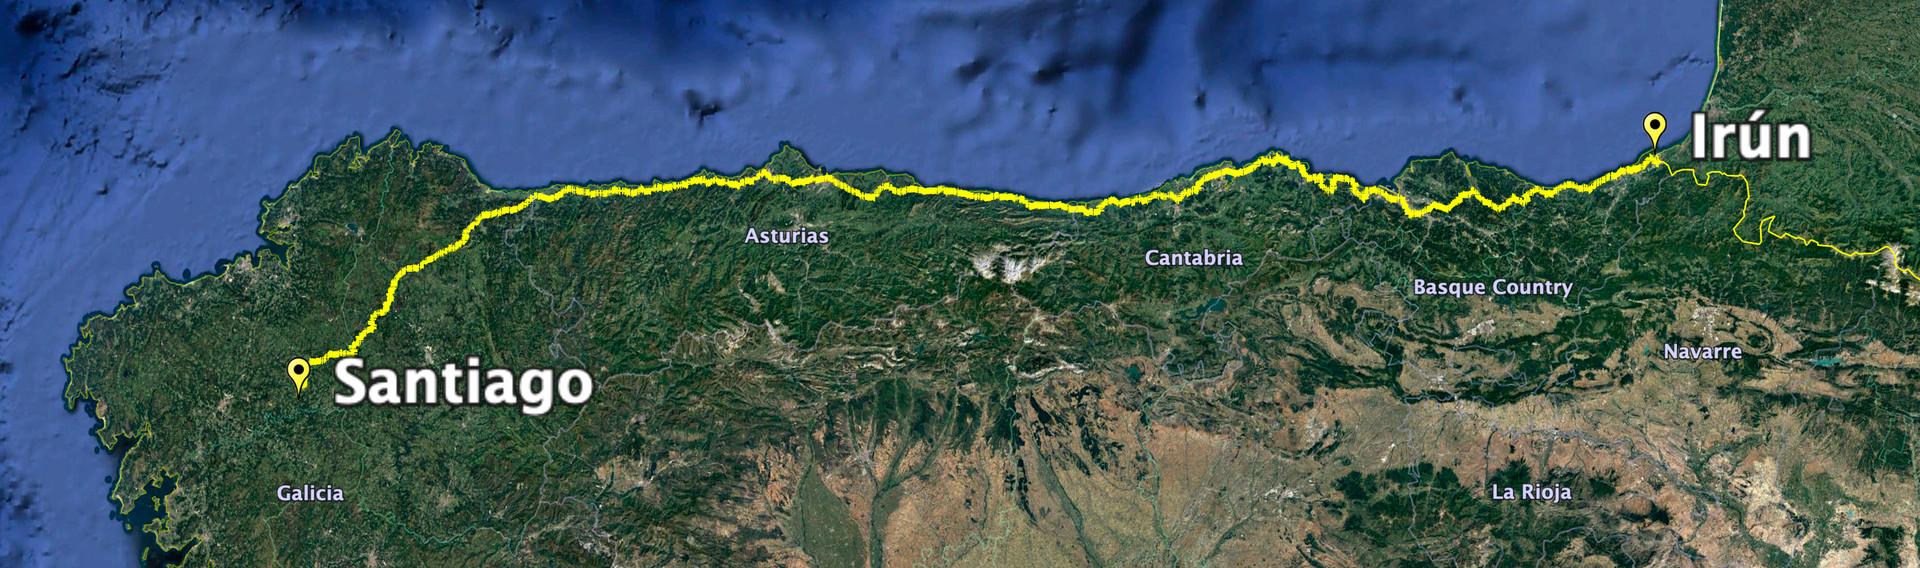 Camino del Norte Map.jpg